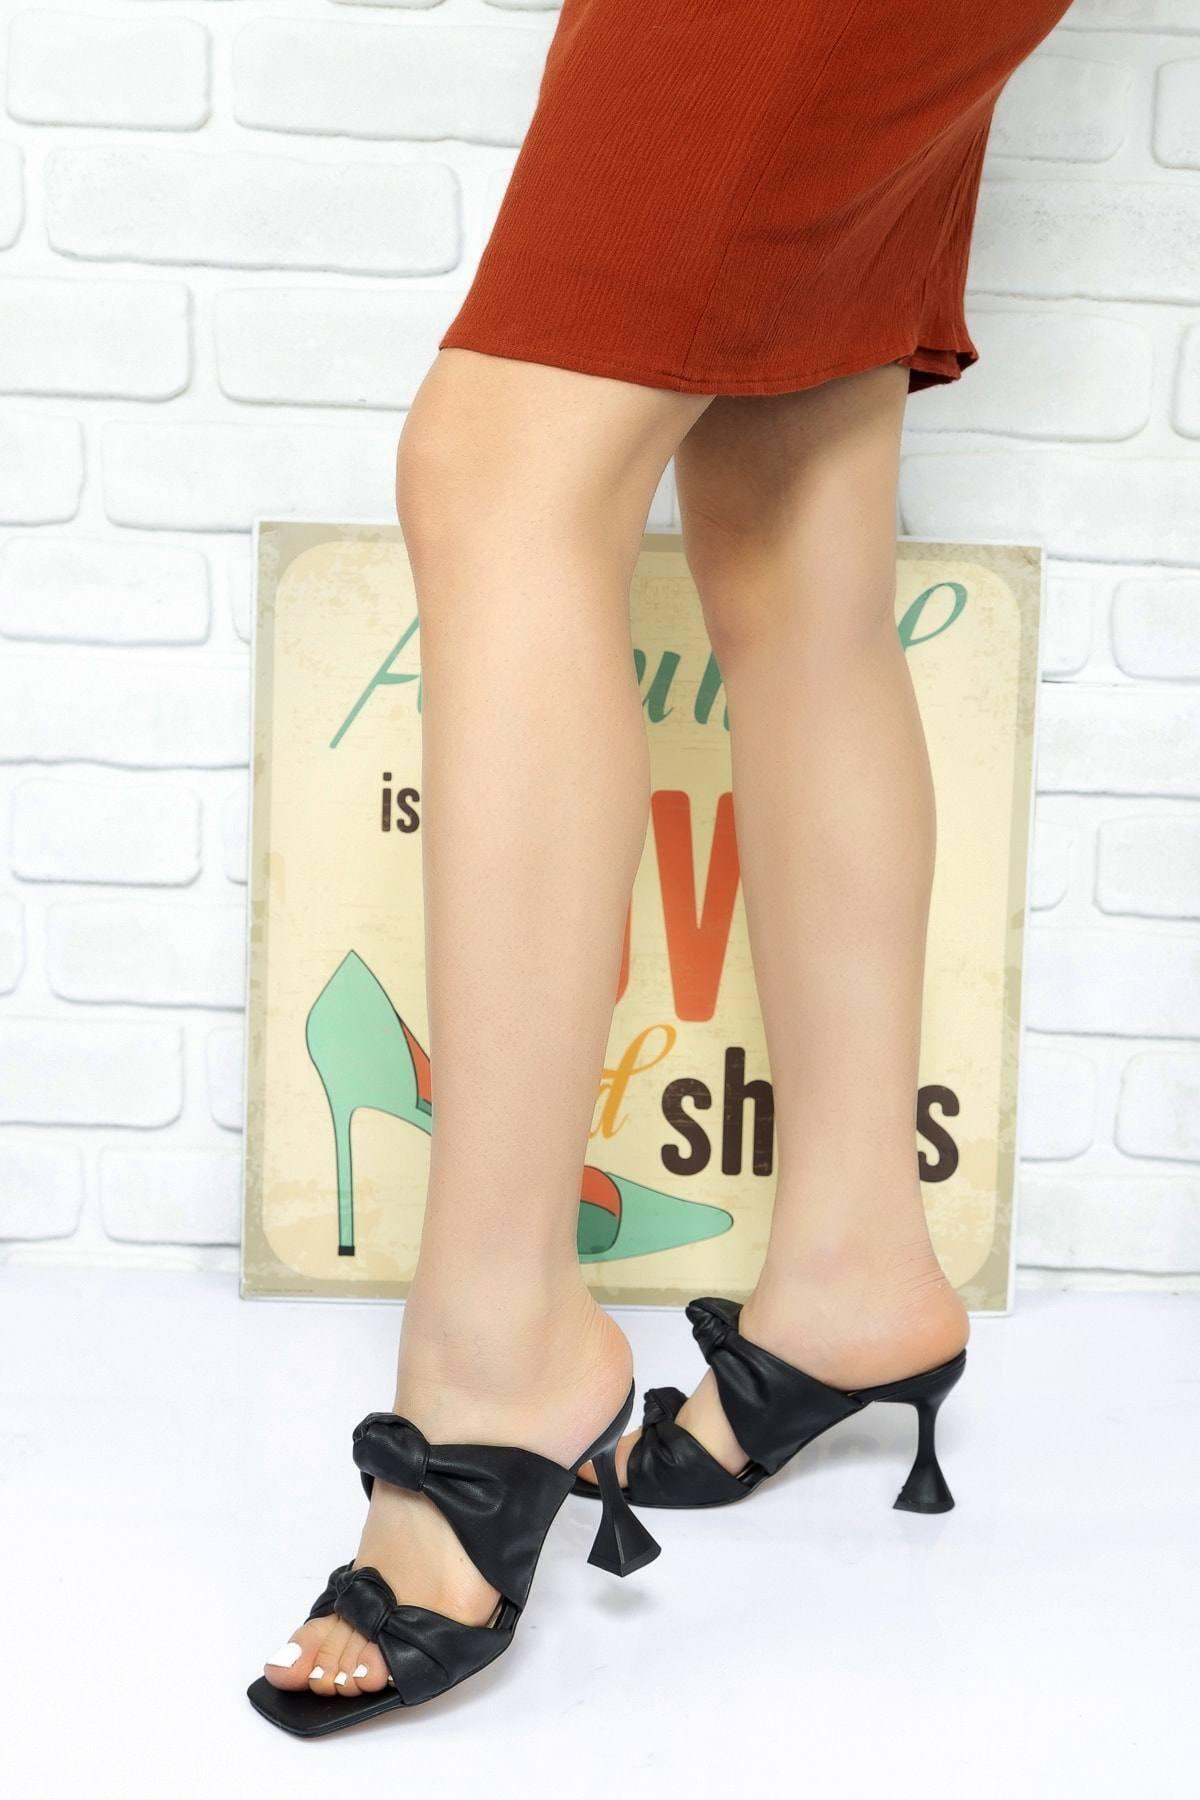 Lara Ayakkabı Kadın Siyah Düğüm Bantlı Topuklu Terlik 2